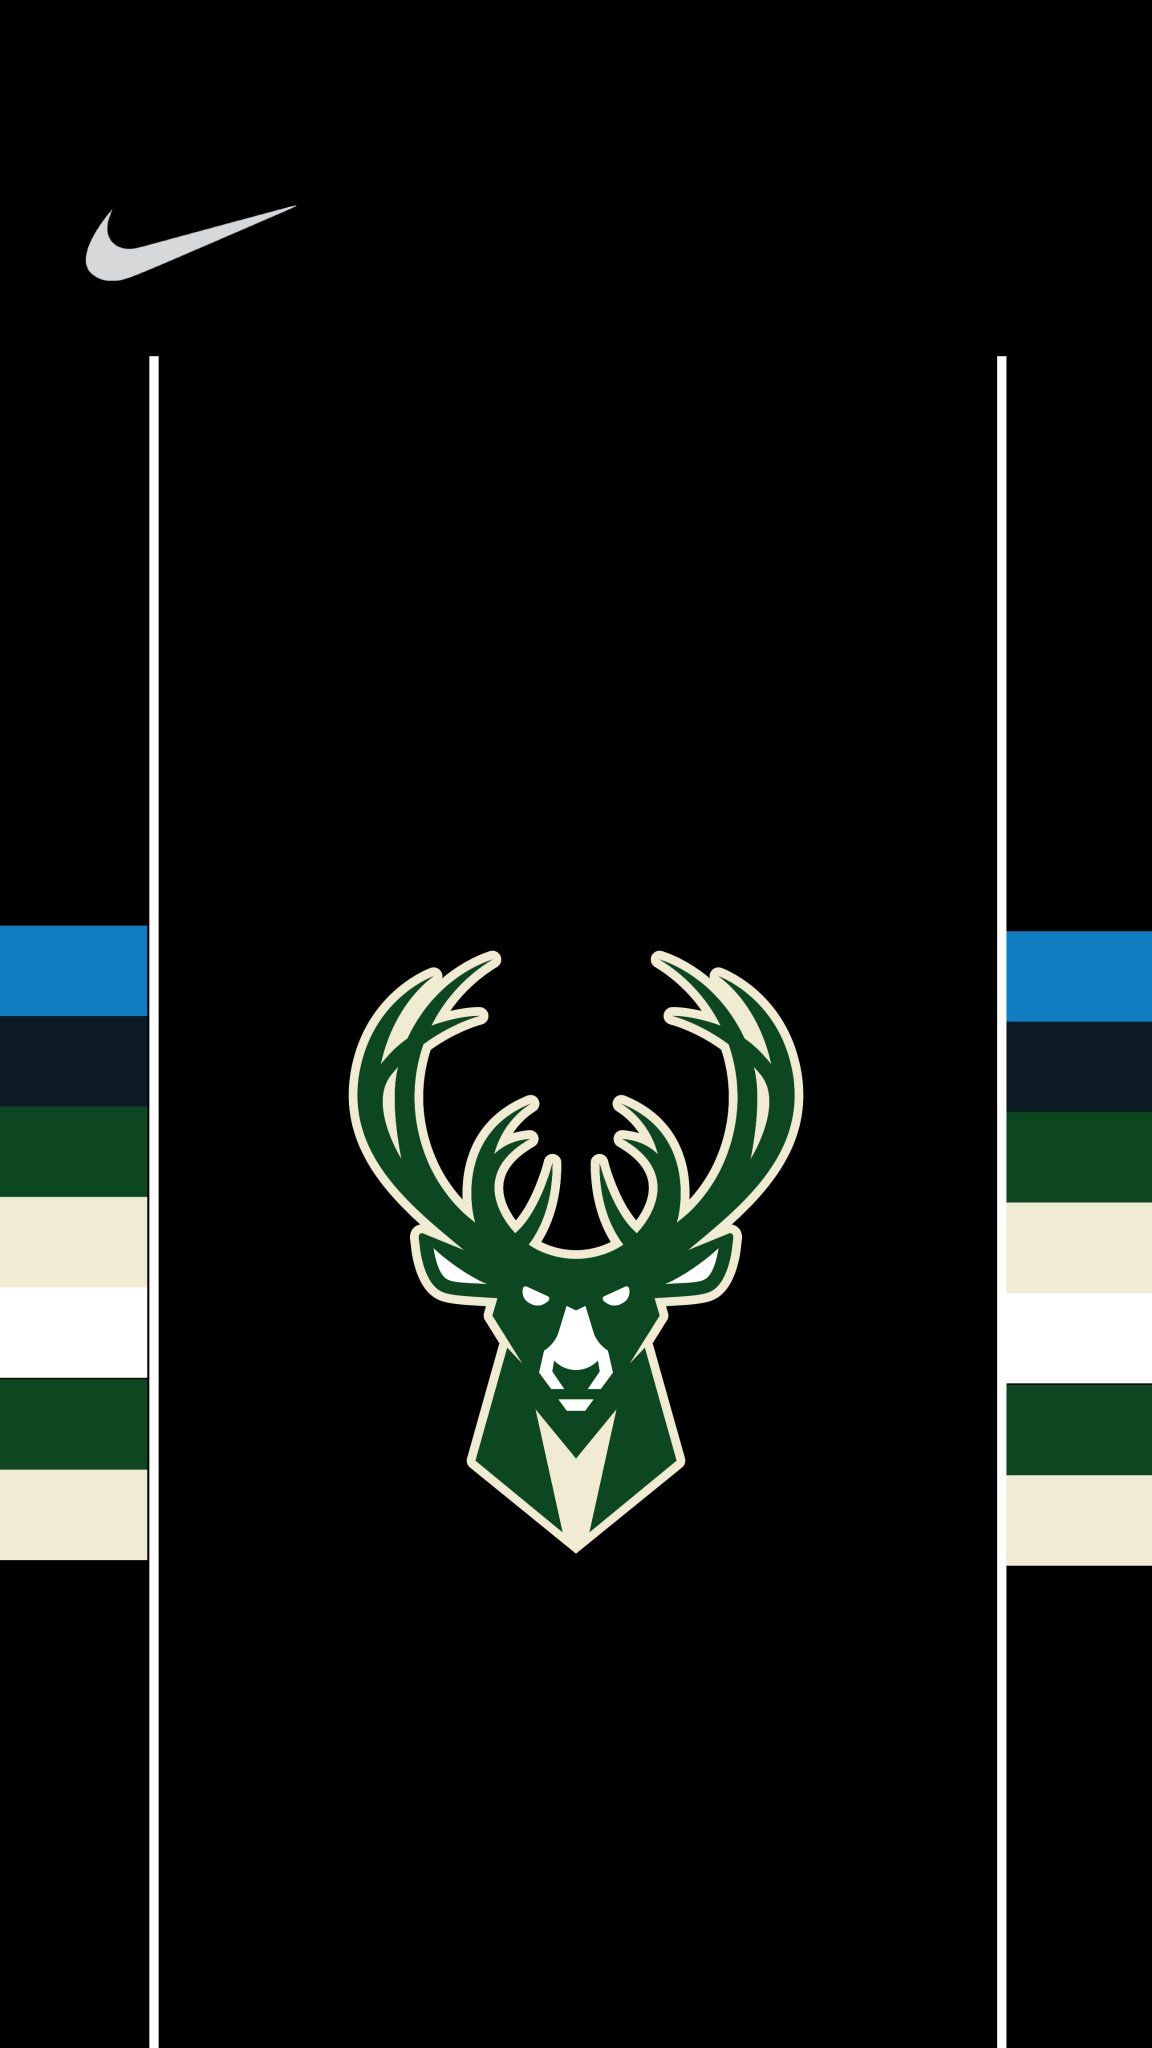 Milwaukee Bucks On Twitter Milwaukee Bucks Basketball Wallpaper Bucks Basketball